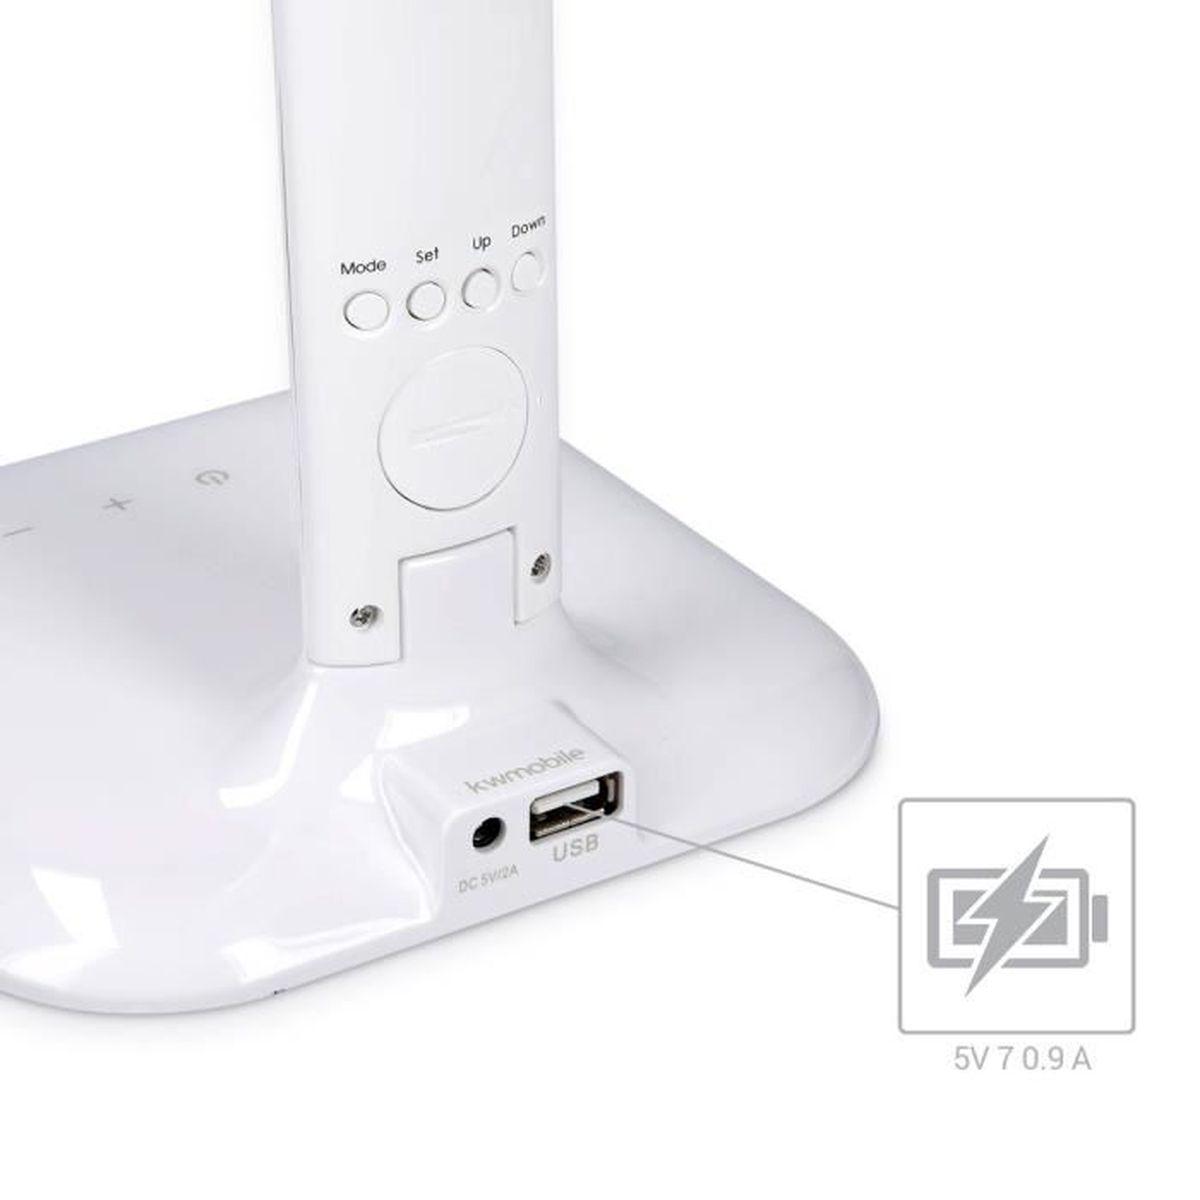 Éclairage En Blanc Kwmobile Led Écran Lcd Flexible Lampe De Table iPkZuTOX